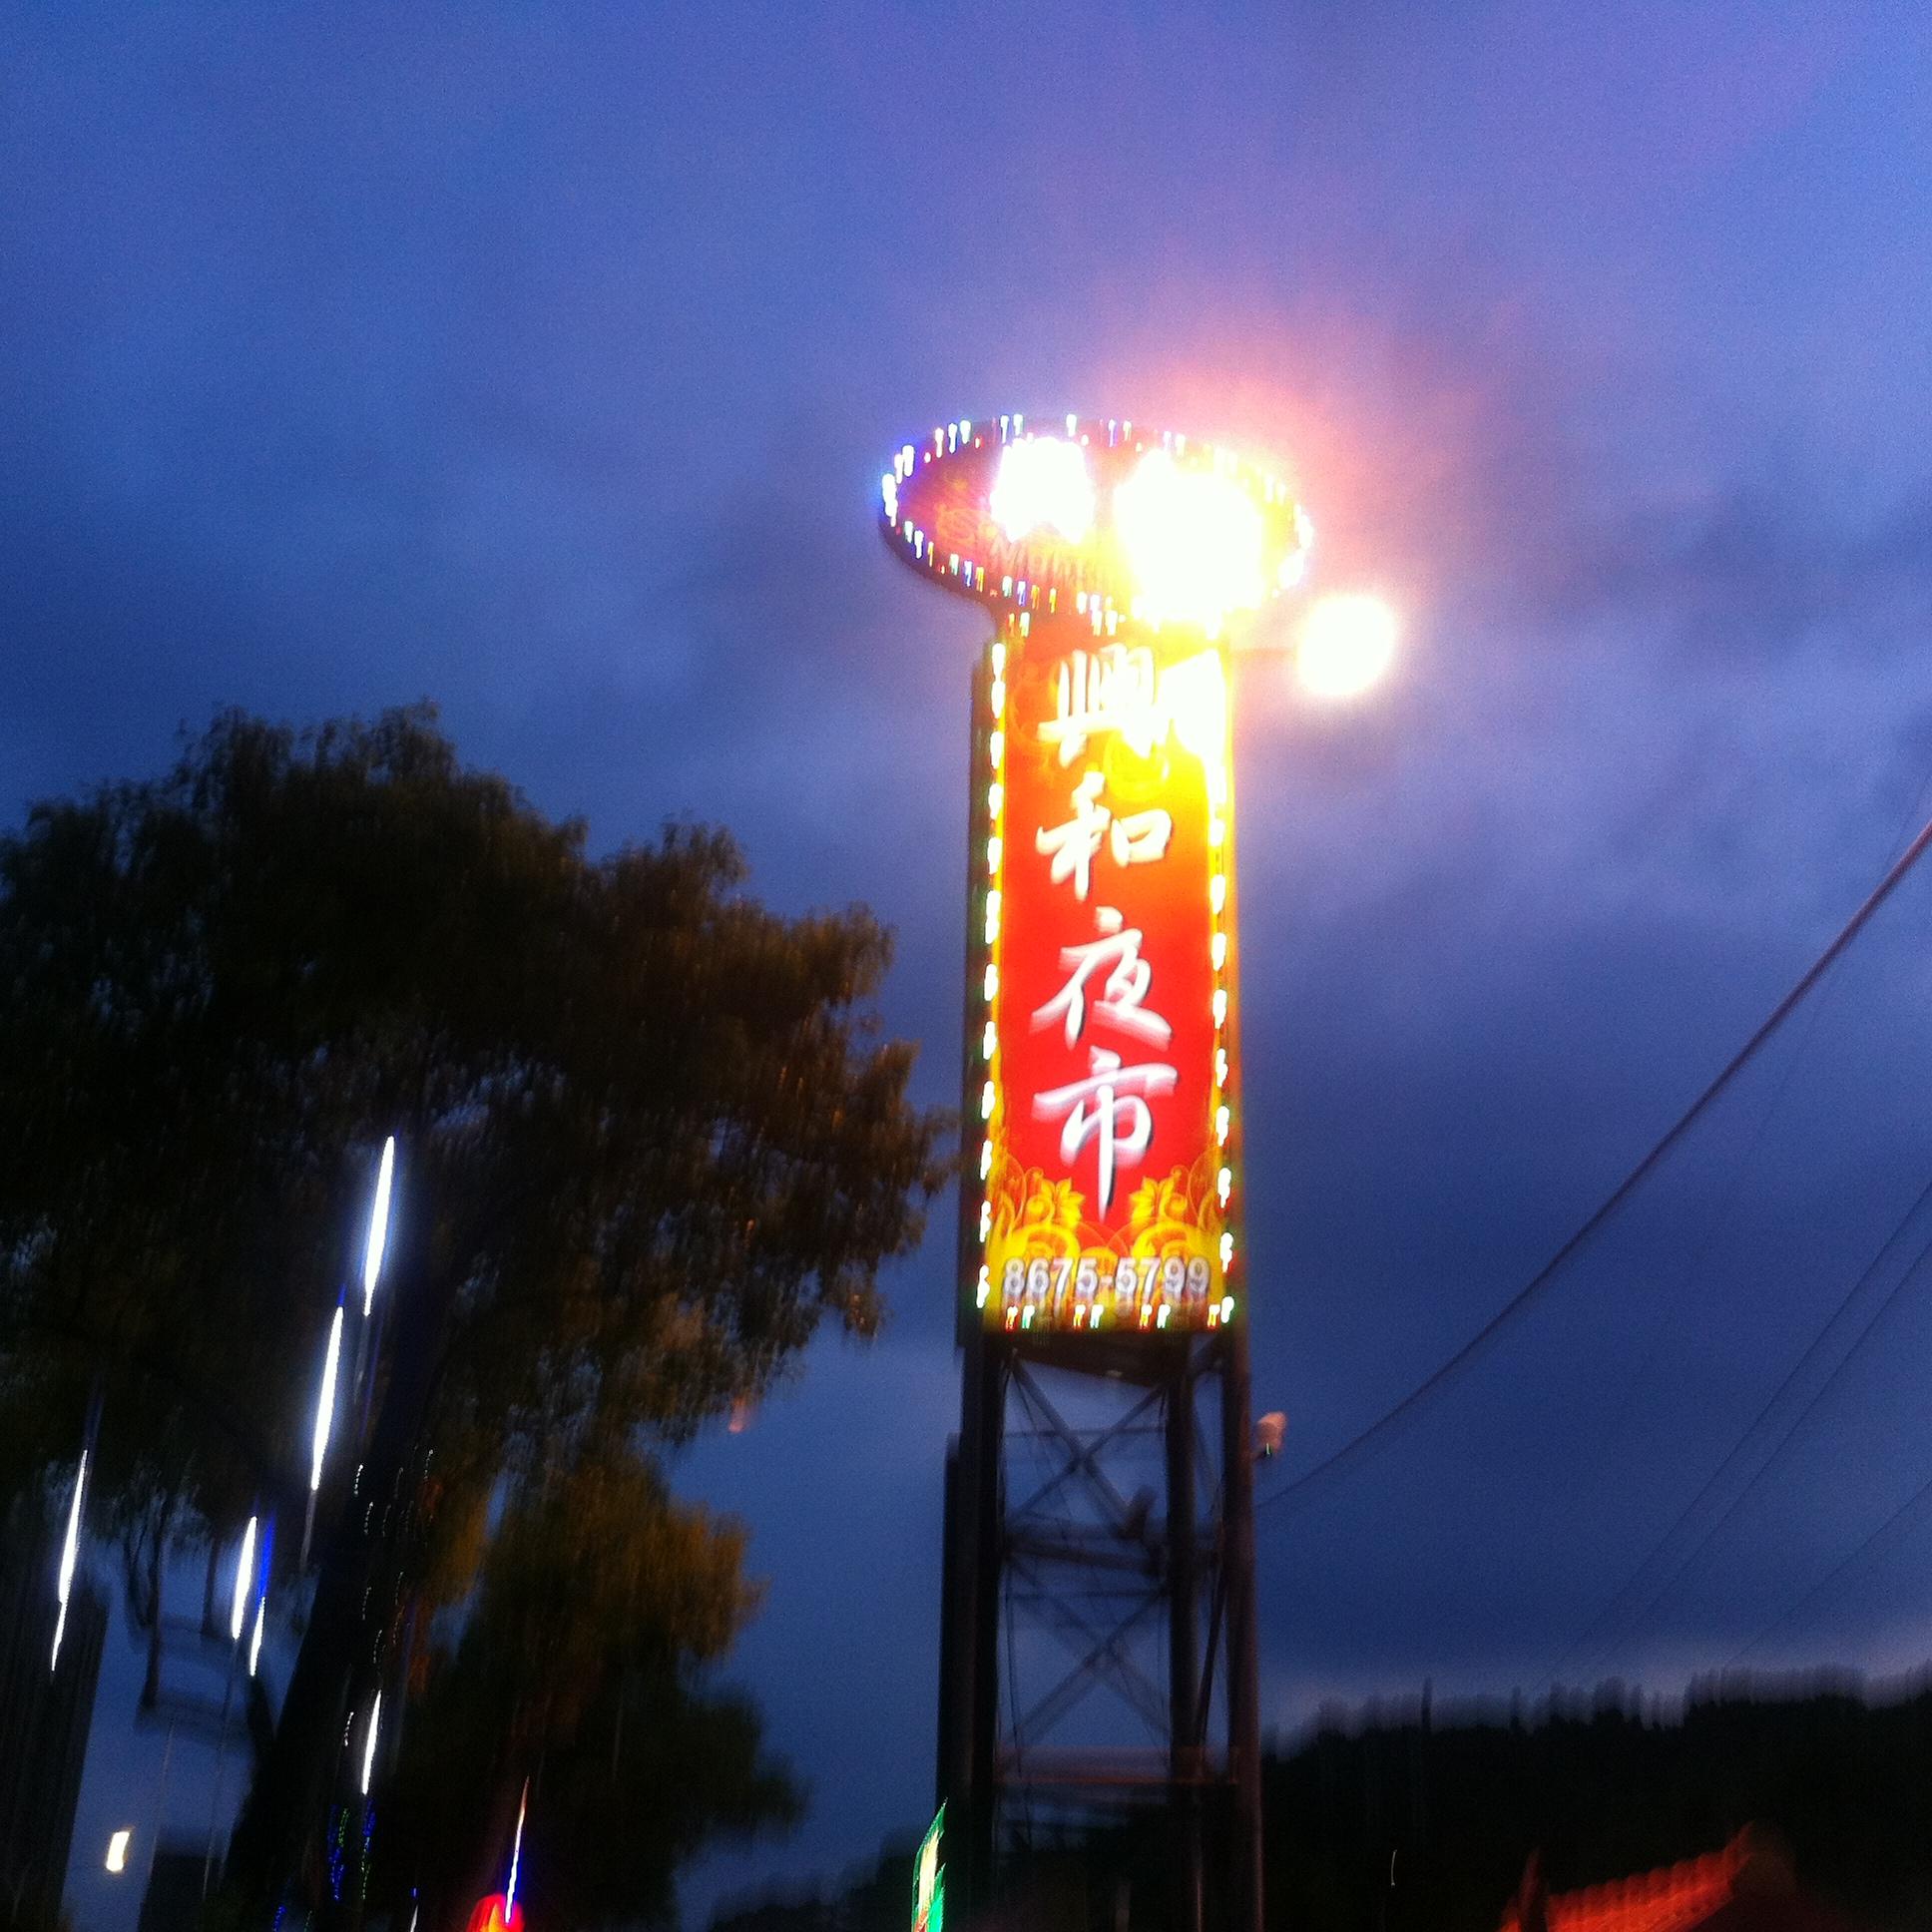 【夜市】子供連れっで楽しむなら「大安花園觀光夜市」!